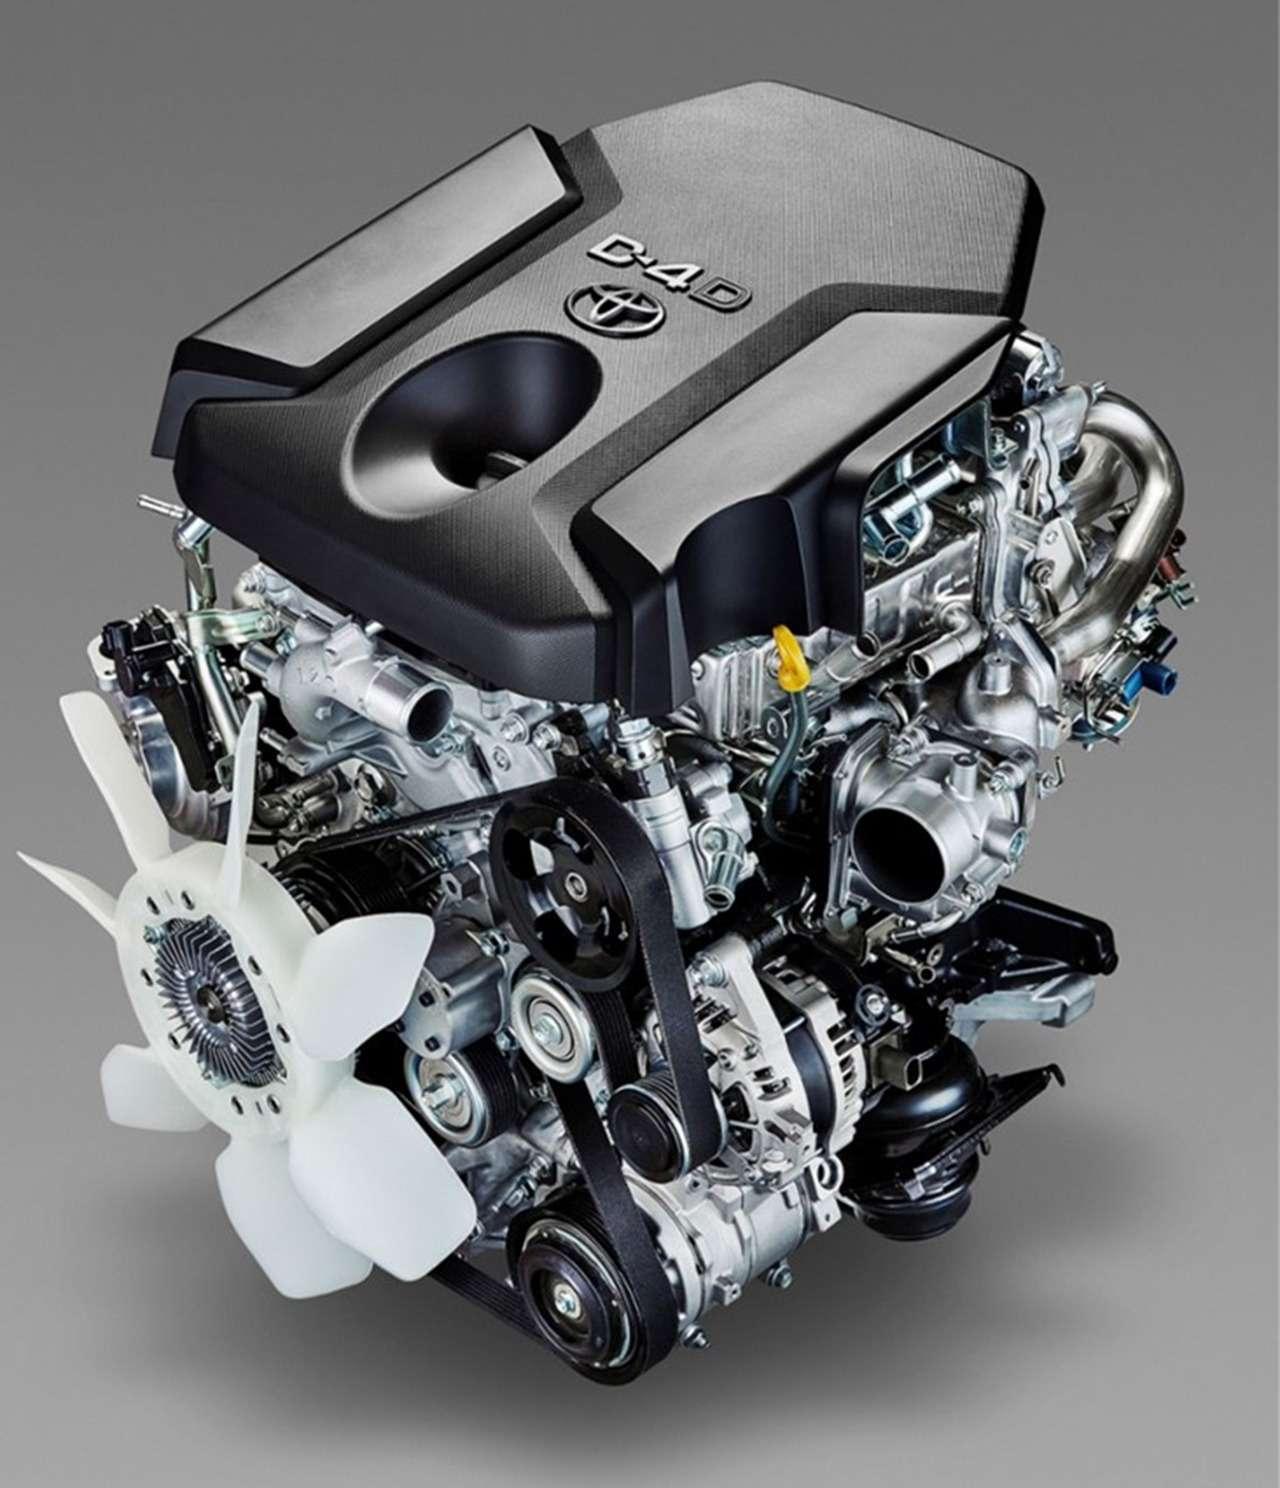 Toyota Fortuner с дизельным мотором: старт продаж - фото 1194205